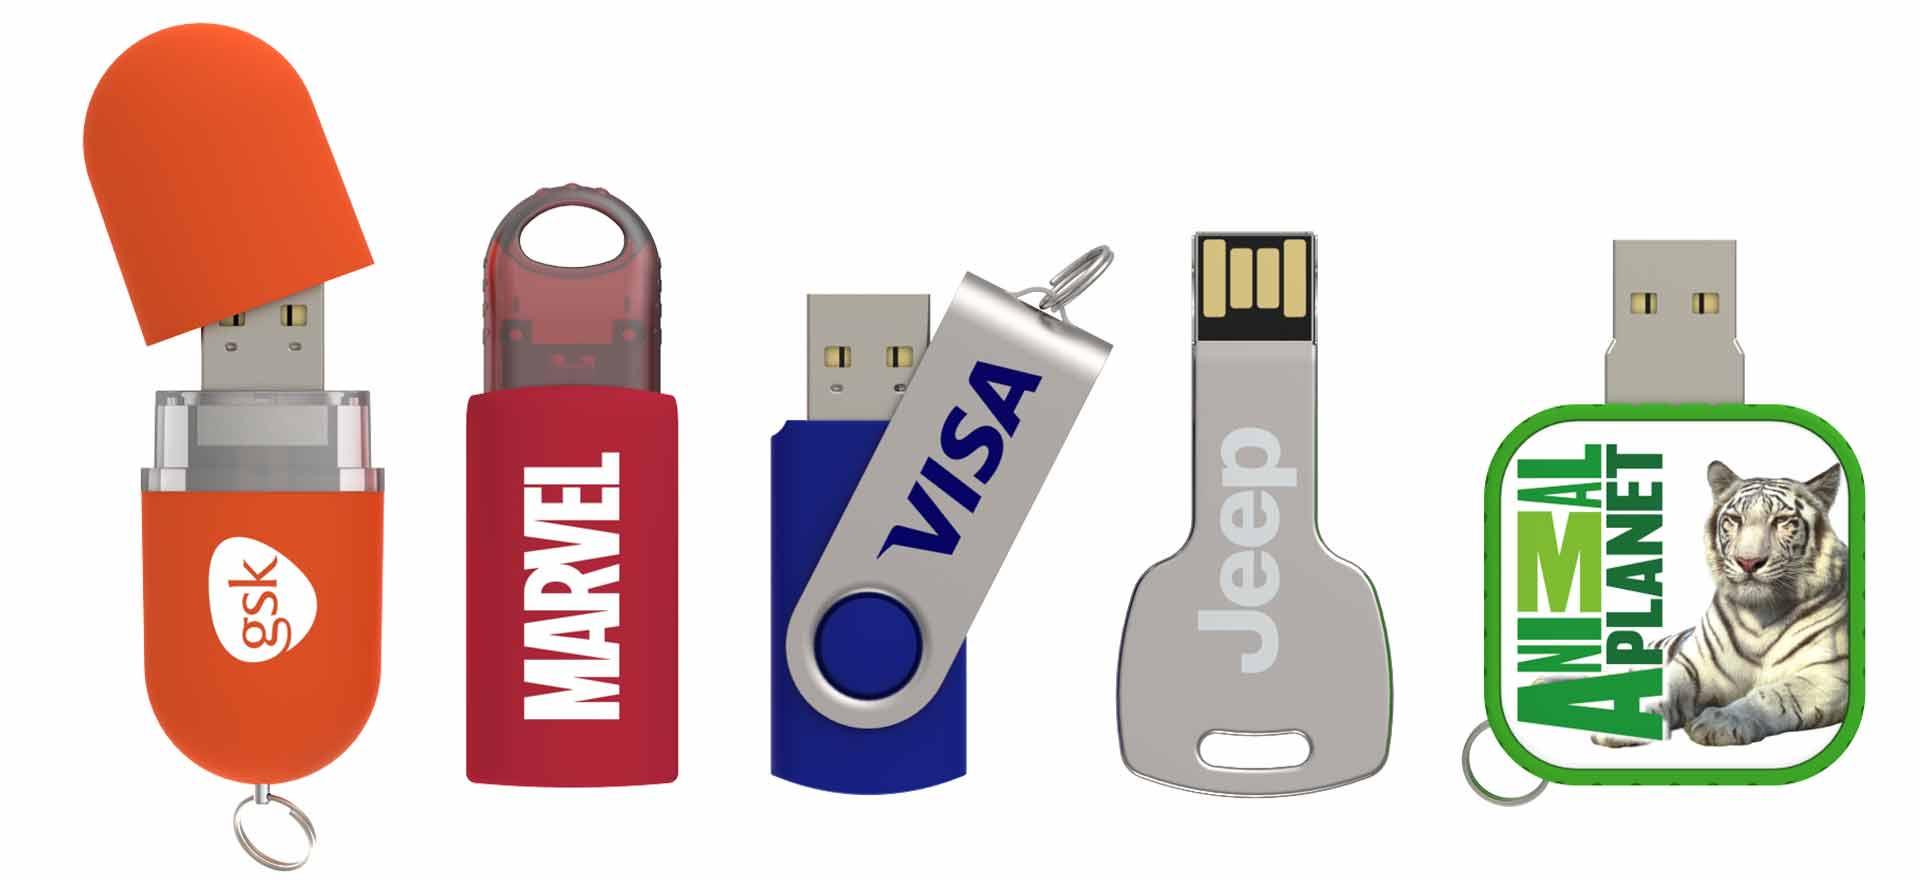 USB Flash Drive 5 nap alatt!